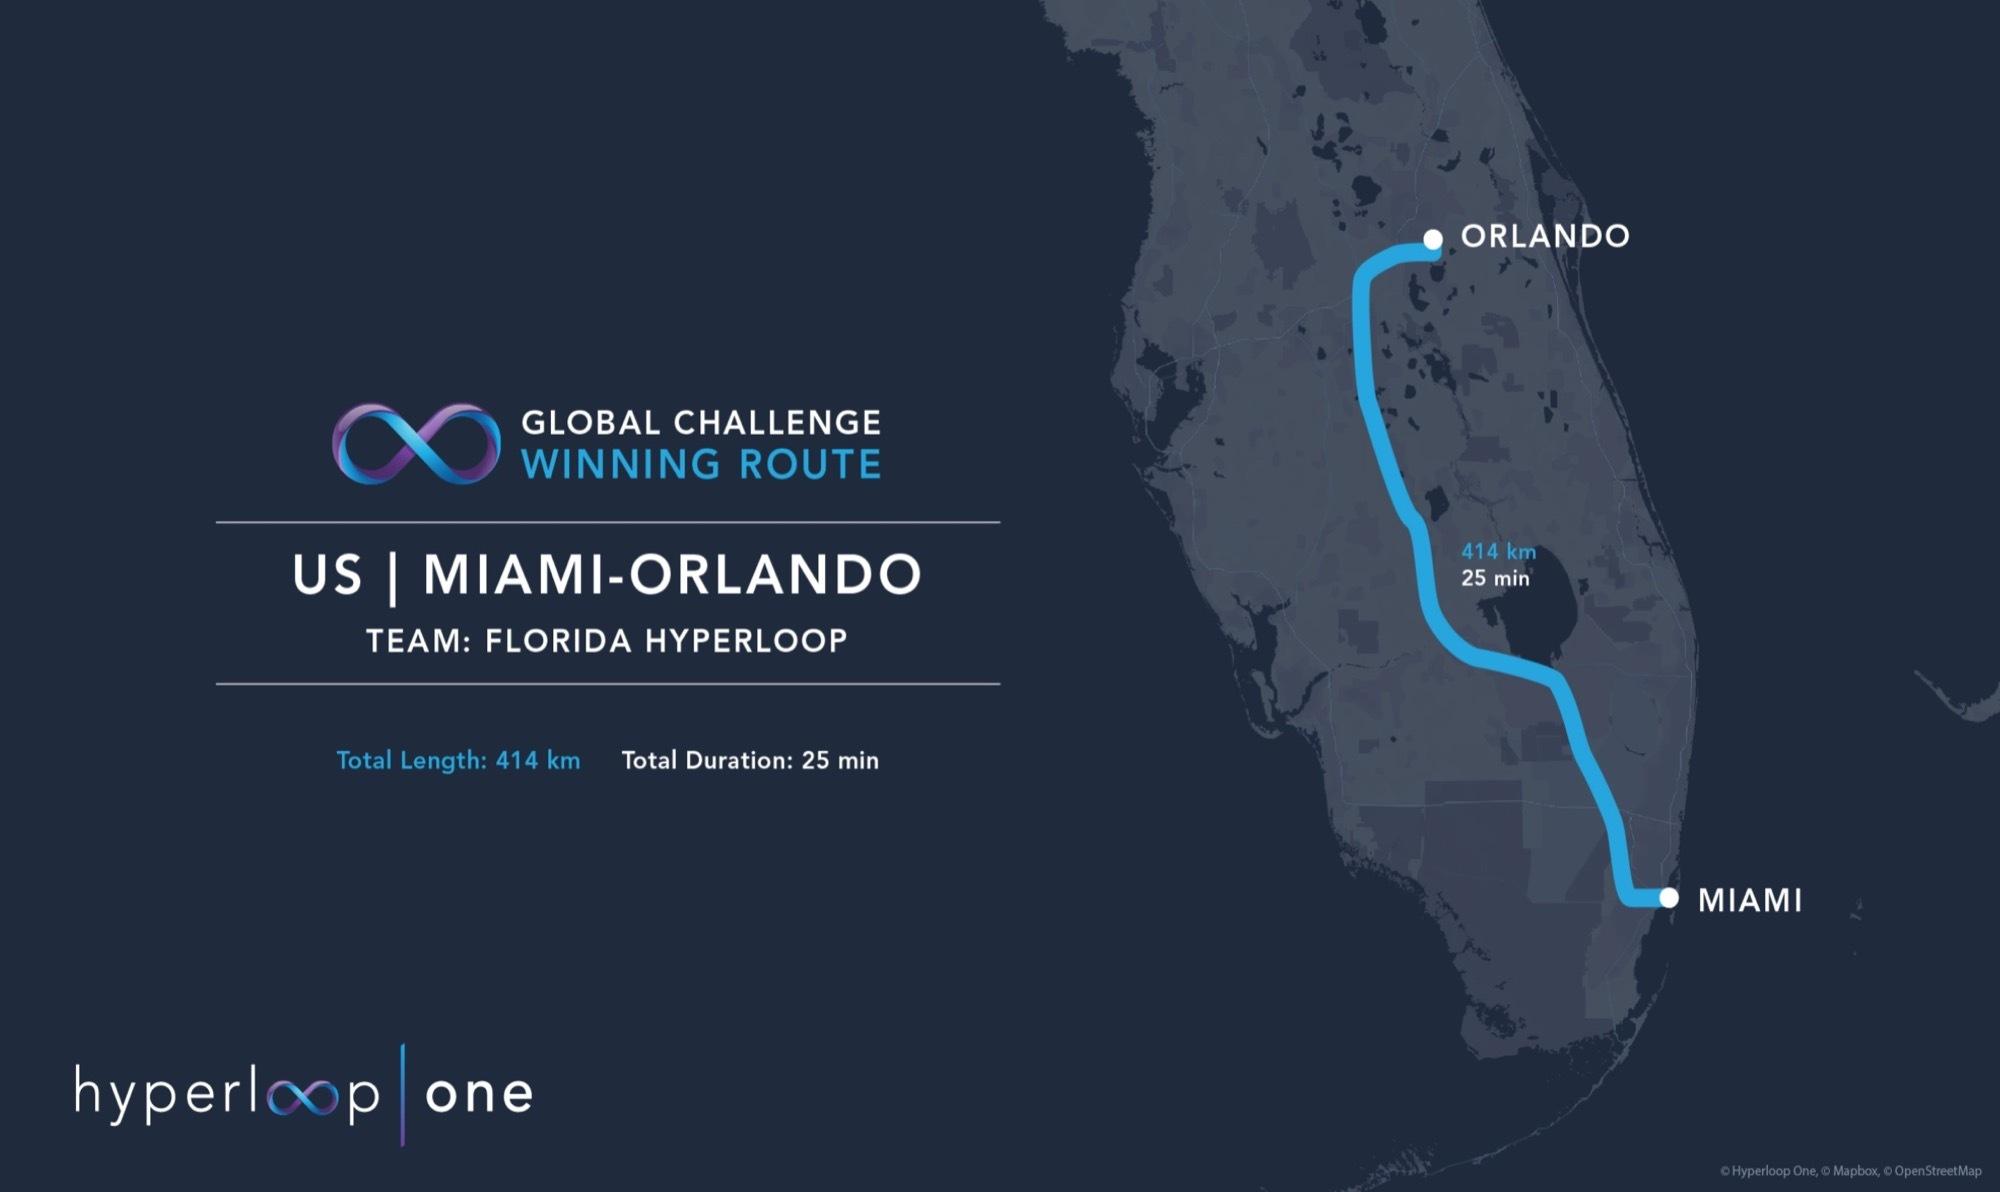 Gallery of 10 Teams Selected as Winners of Hyperloop One Global